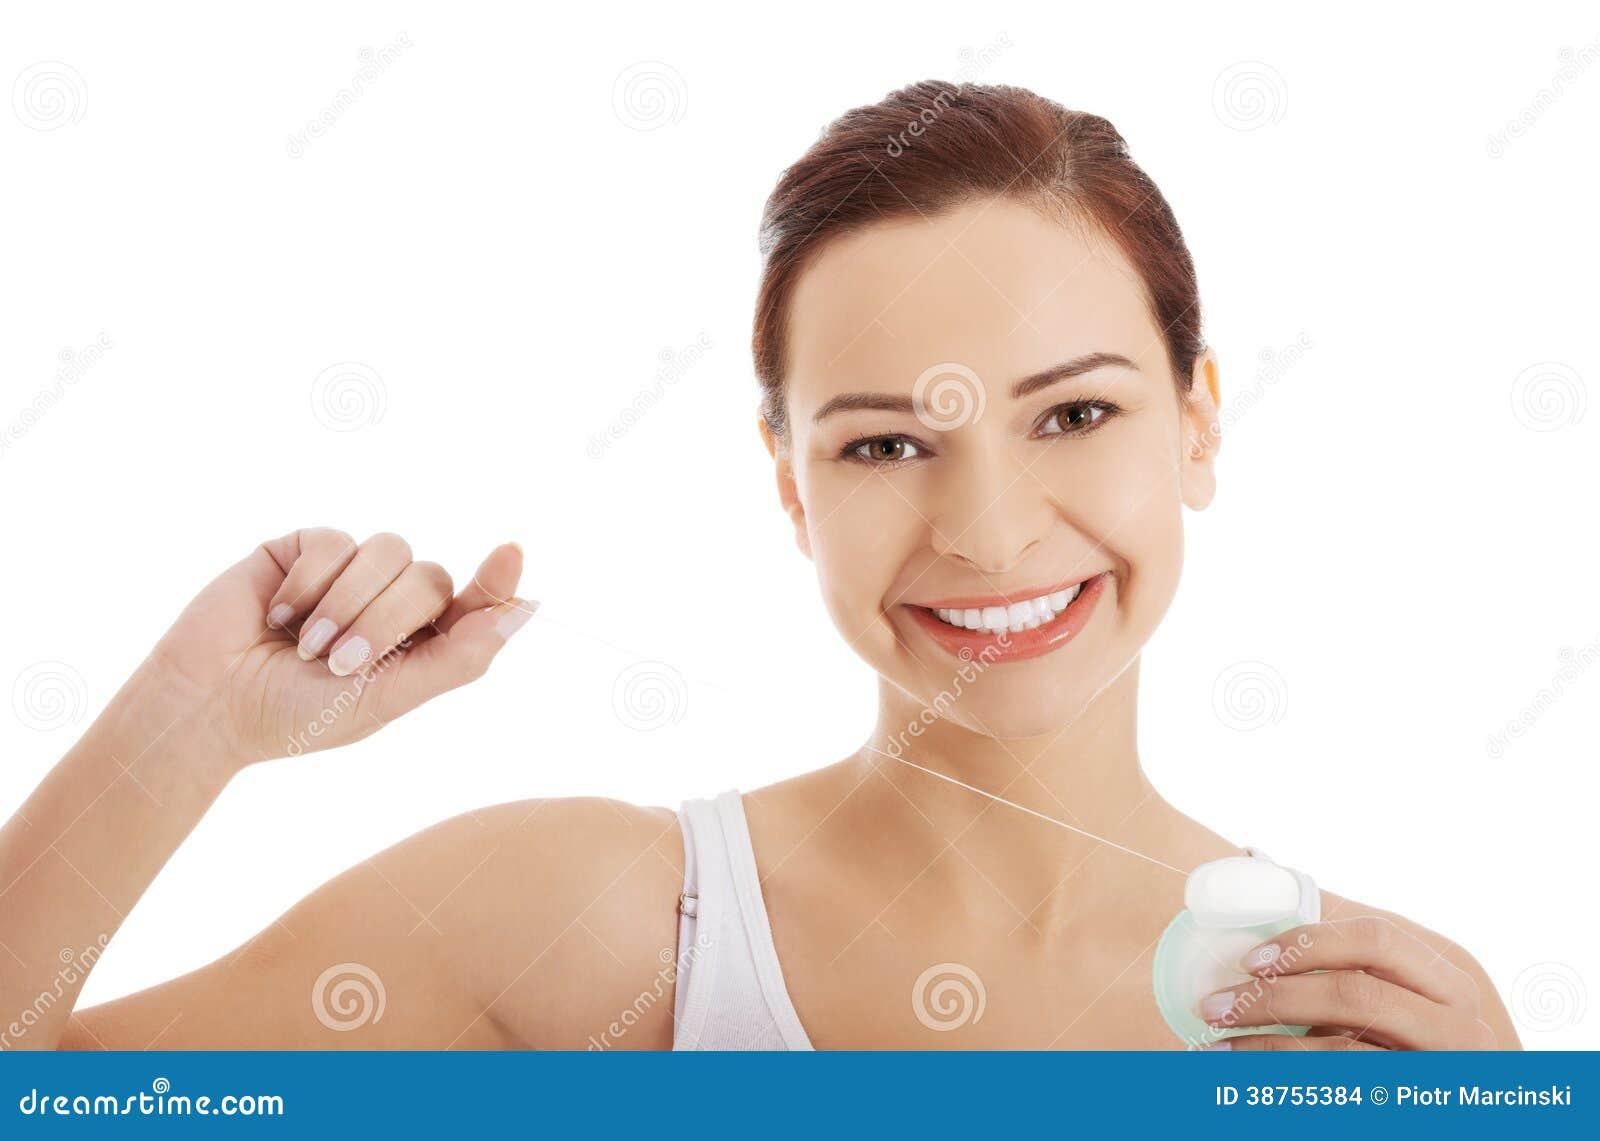 9cbb7cc09 Mulher Bonita Com Fio Dental. Foto de Stock - Imagem de dentista ...